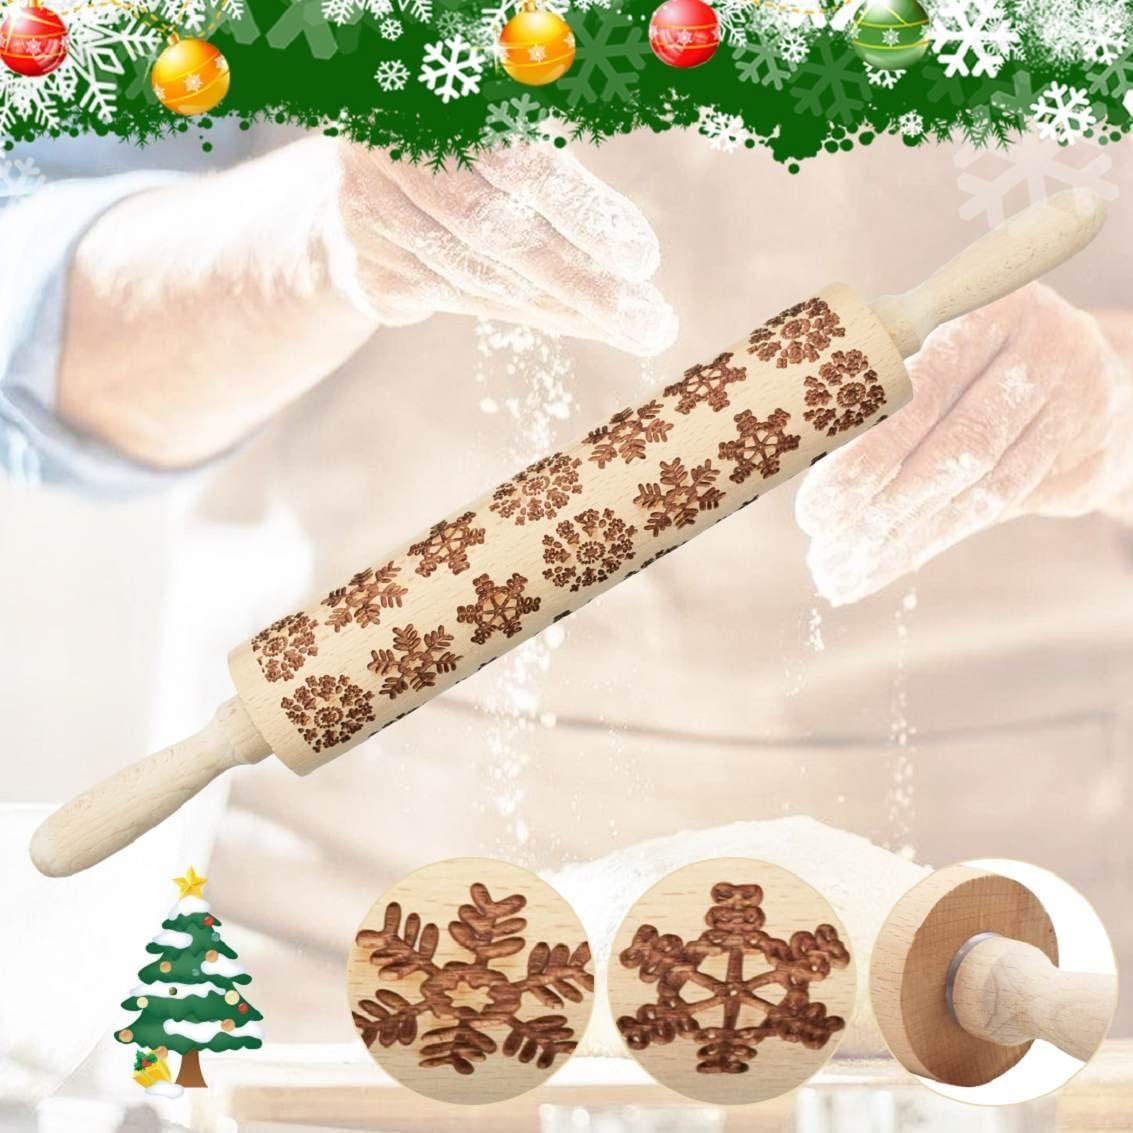 heekpek Rodillo de Amasar de Madera Rodillos de Navidad 3D Madera Rodillo Relieve con Copo de Nieve de Alce de Arbol de Navidad para Horneando Masa Galletas